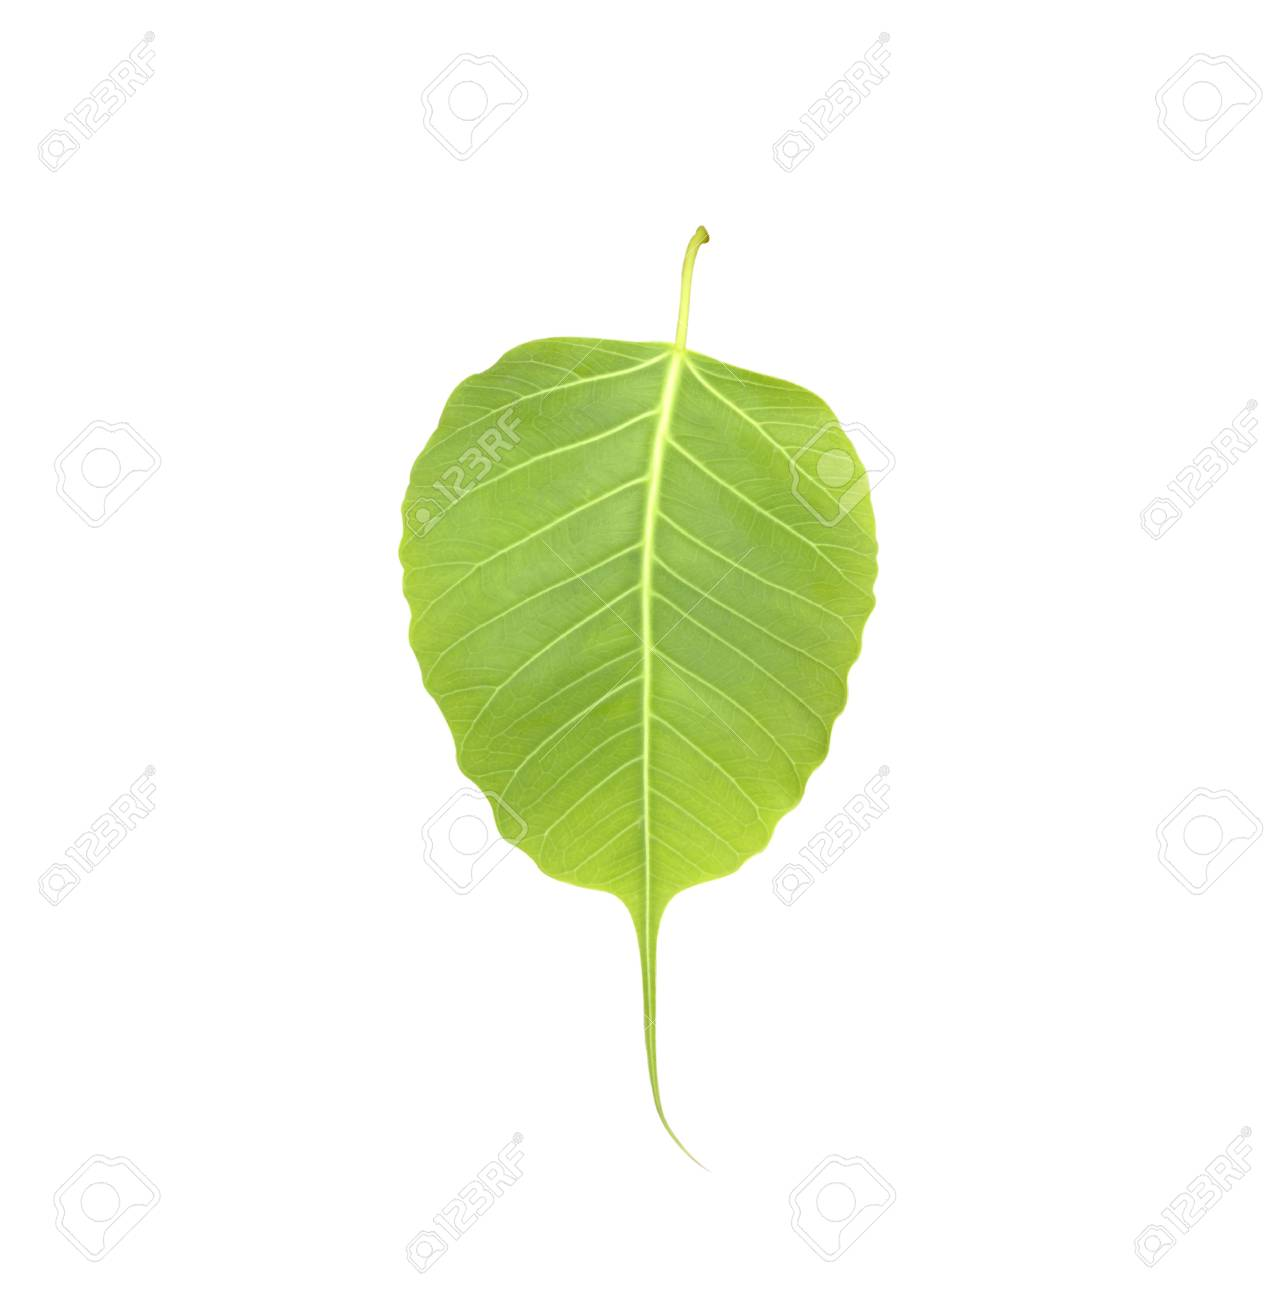 菩提葉/分離の白い背景の葉しま...